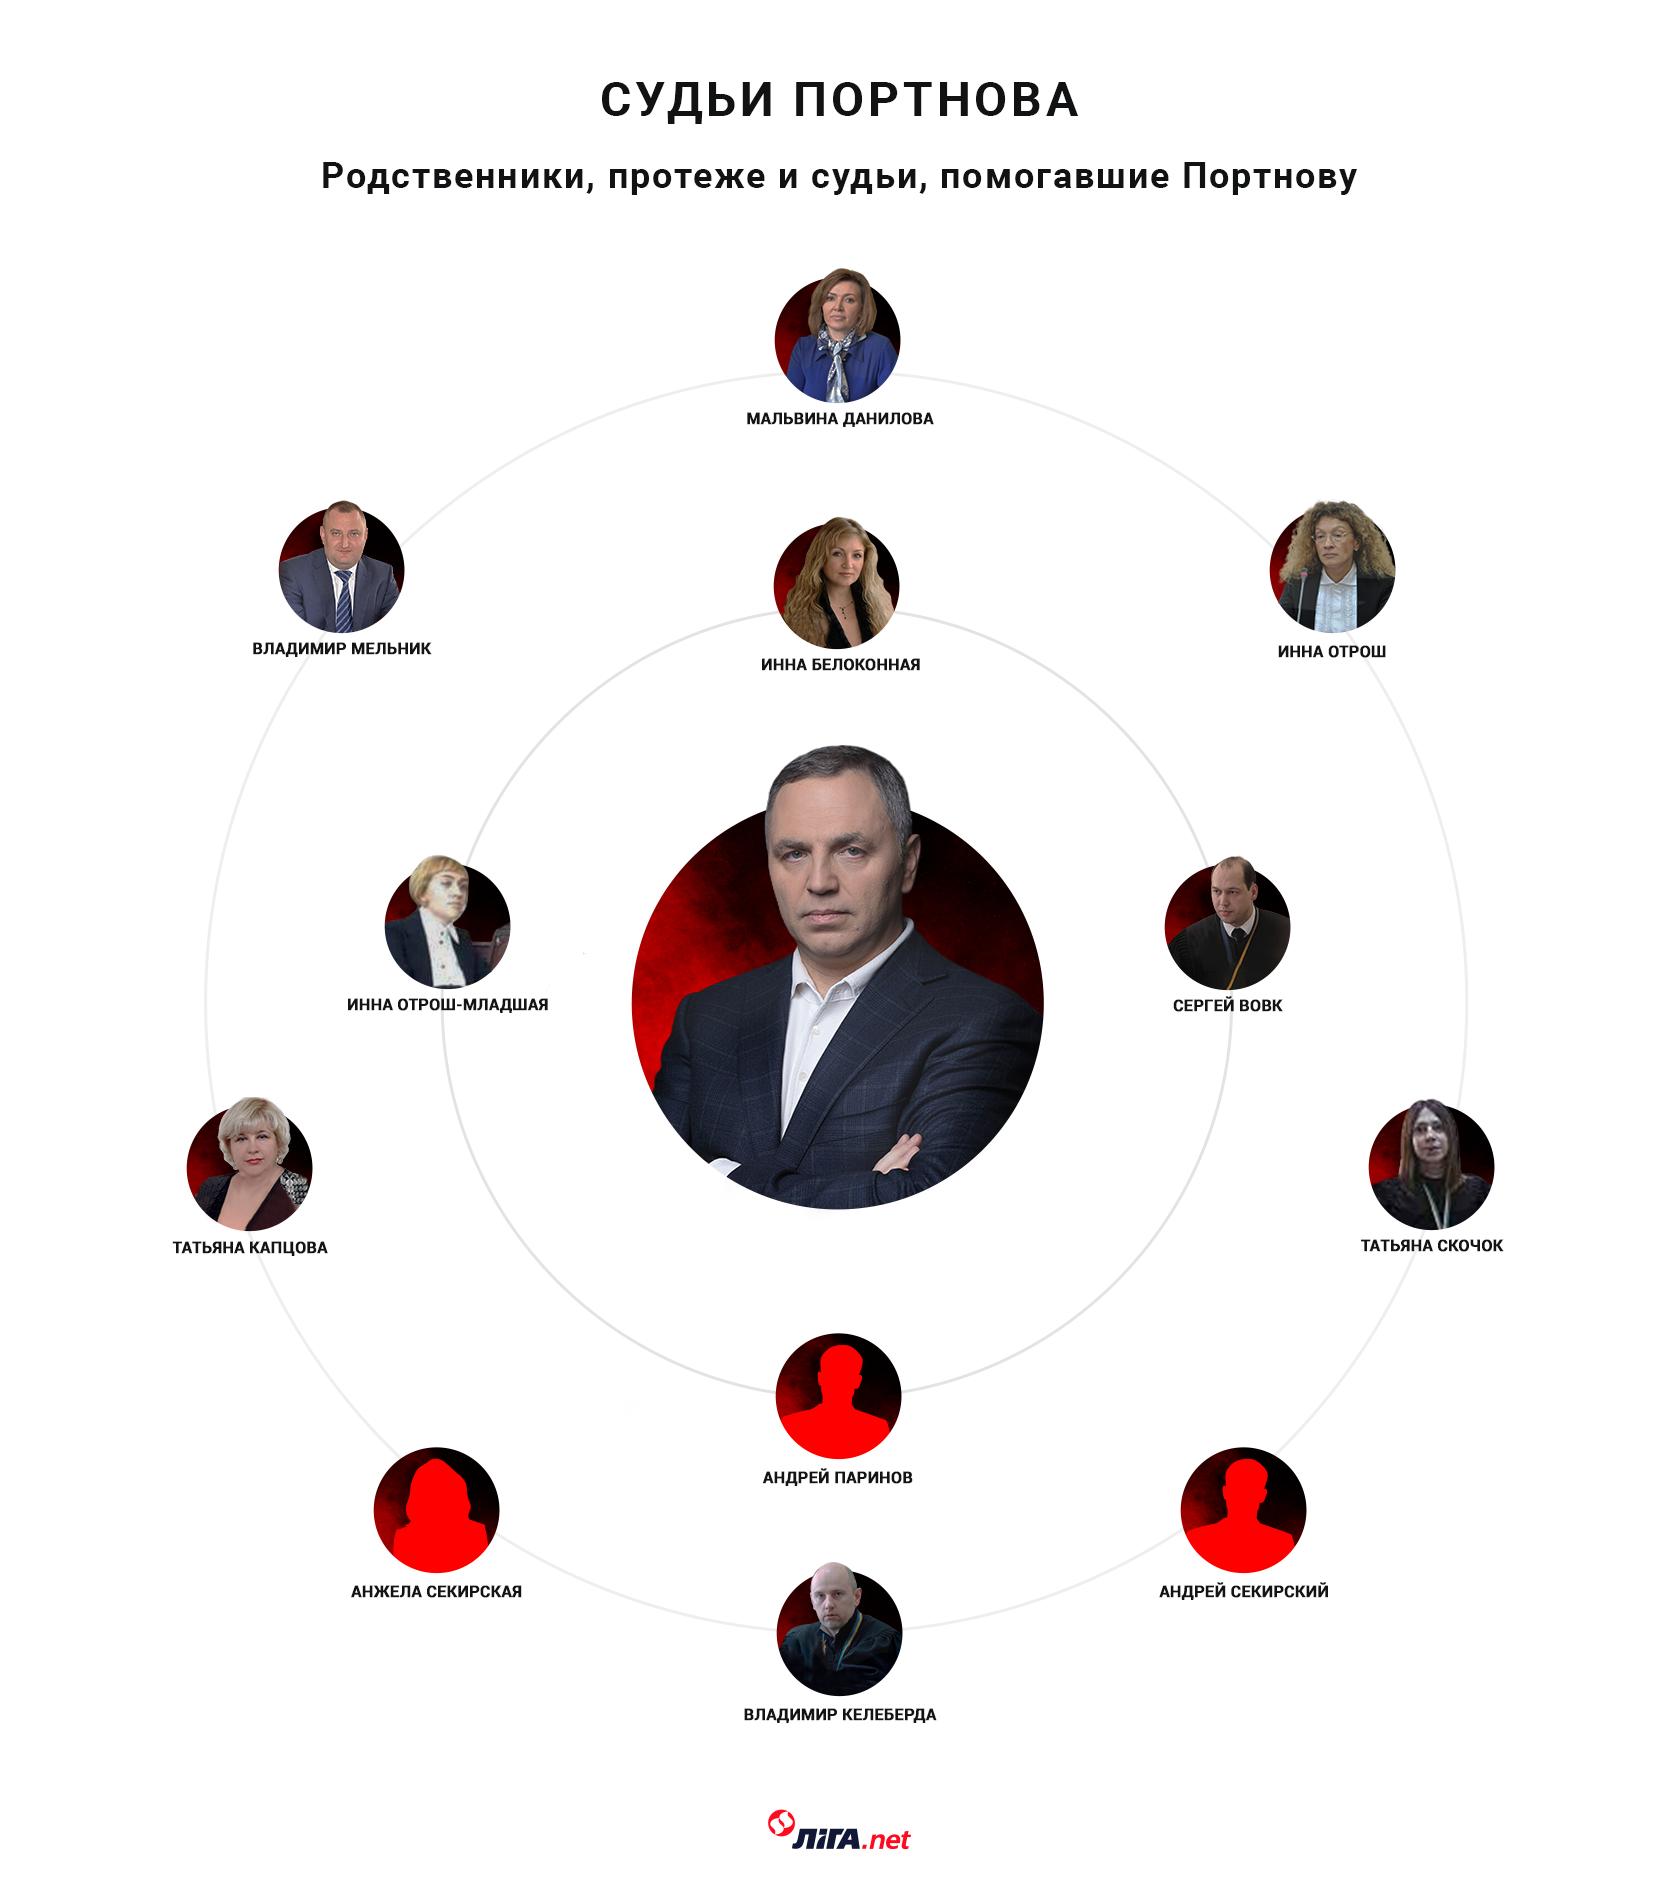 Судьи Портнова (коллаж – Алина Подлесная/LIGA.net)